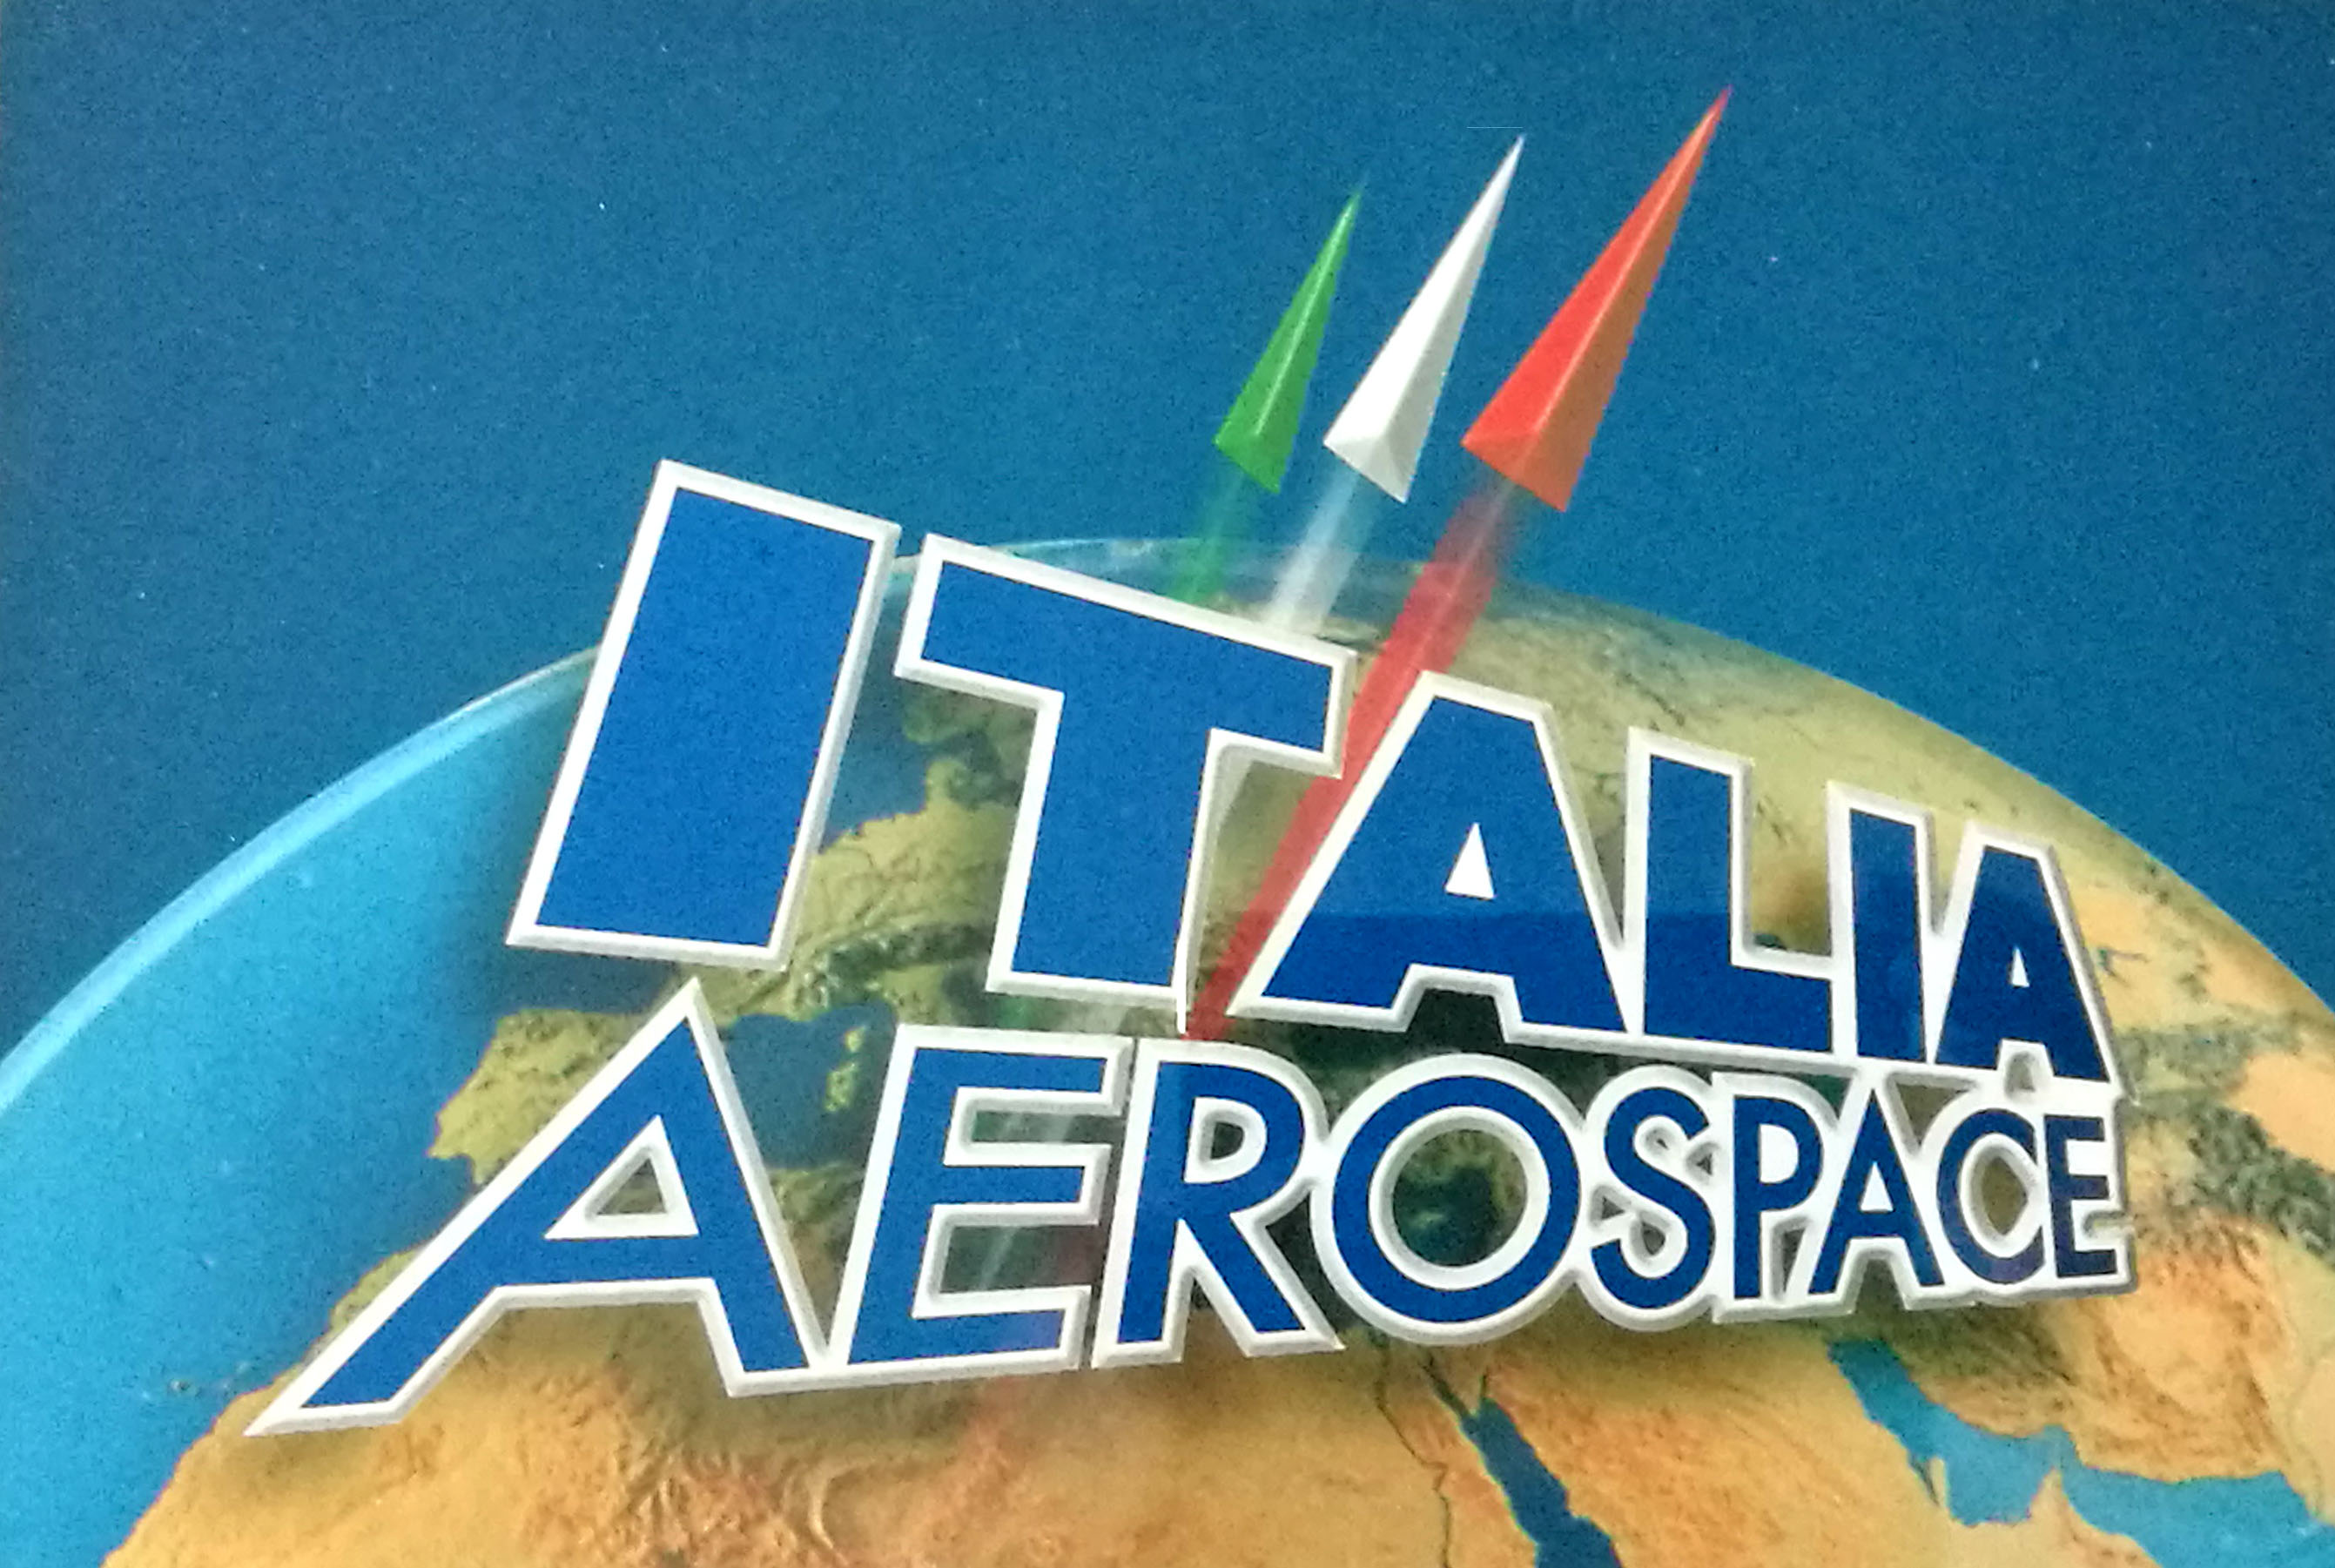 01_ItaliaAerospace